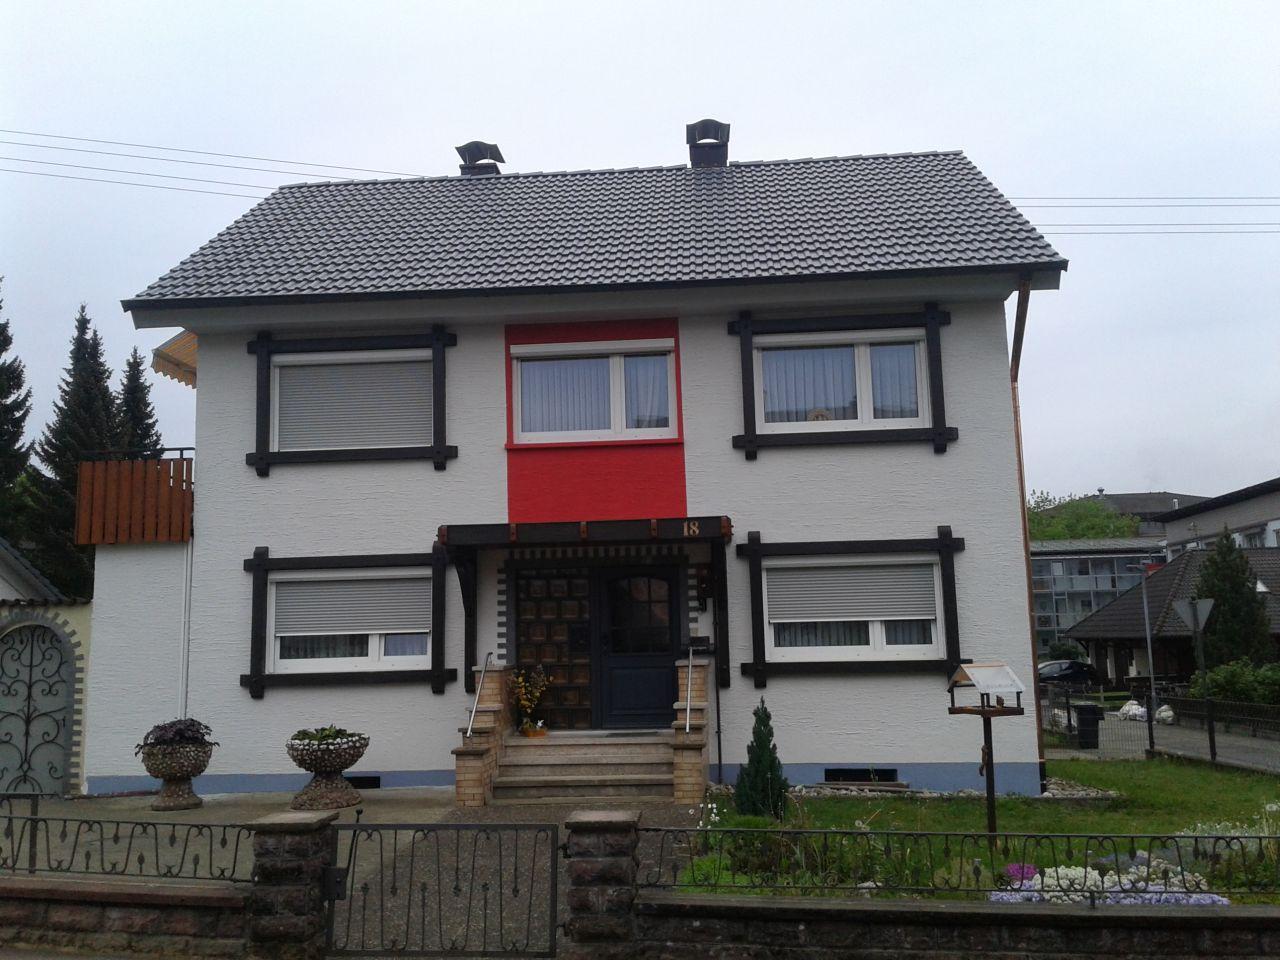 Einfamilienhaus 70er Jahre nach Sanierung